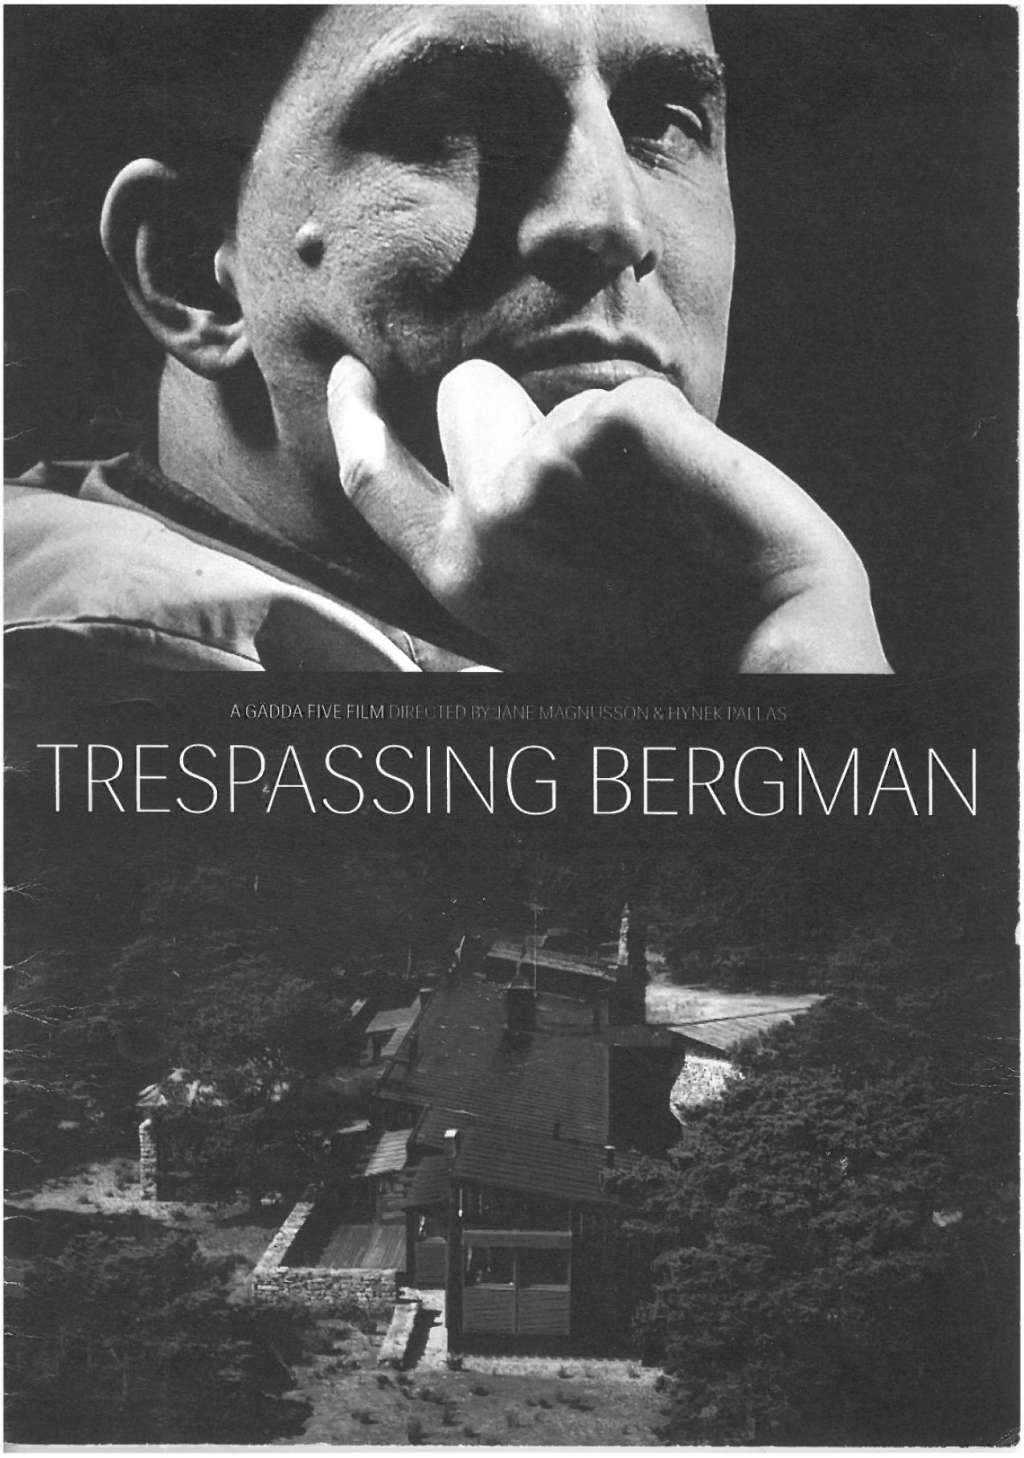 Trespassing Bergman kapak